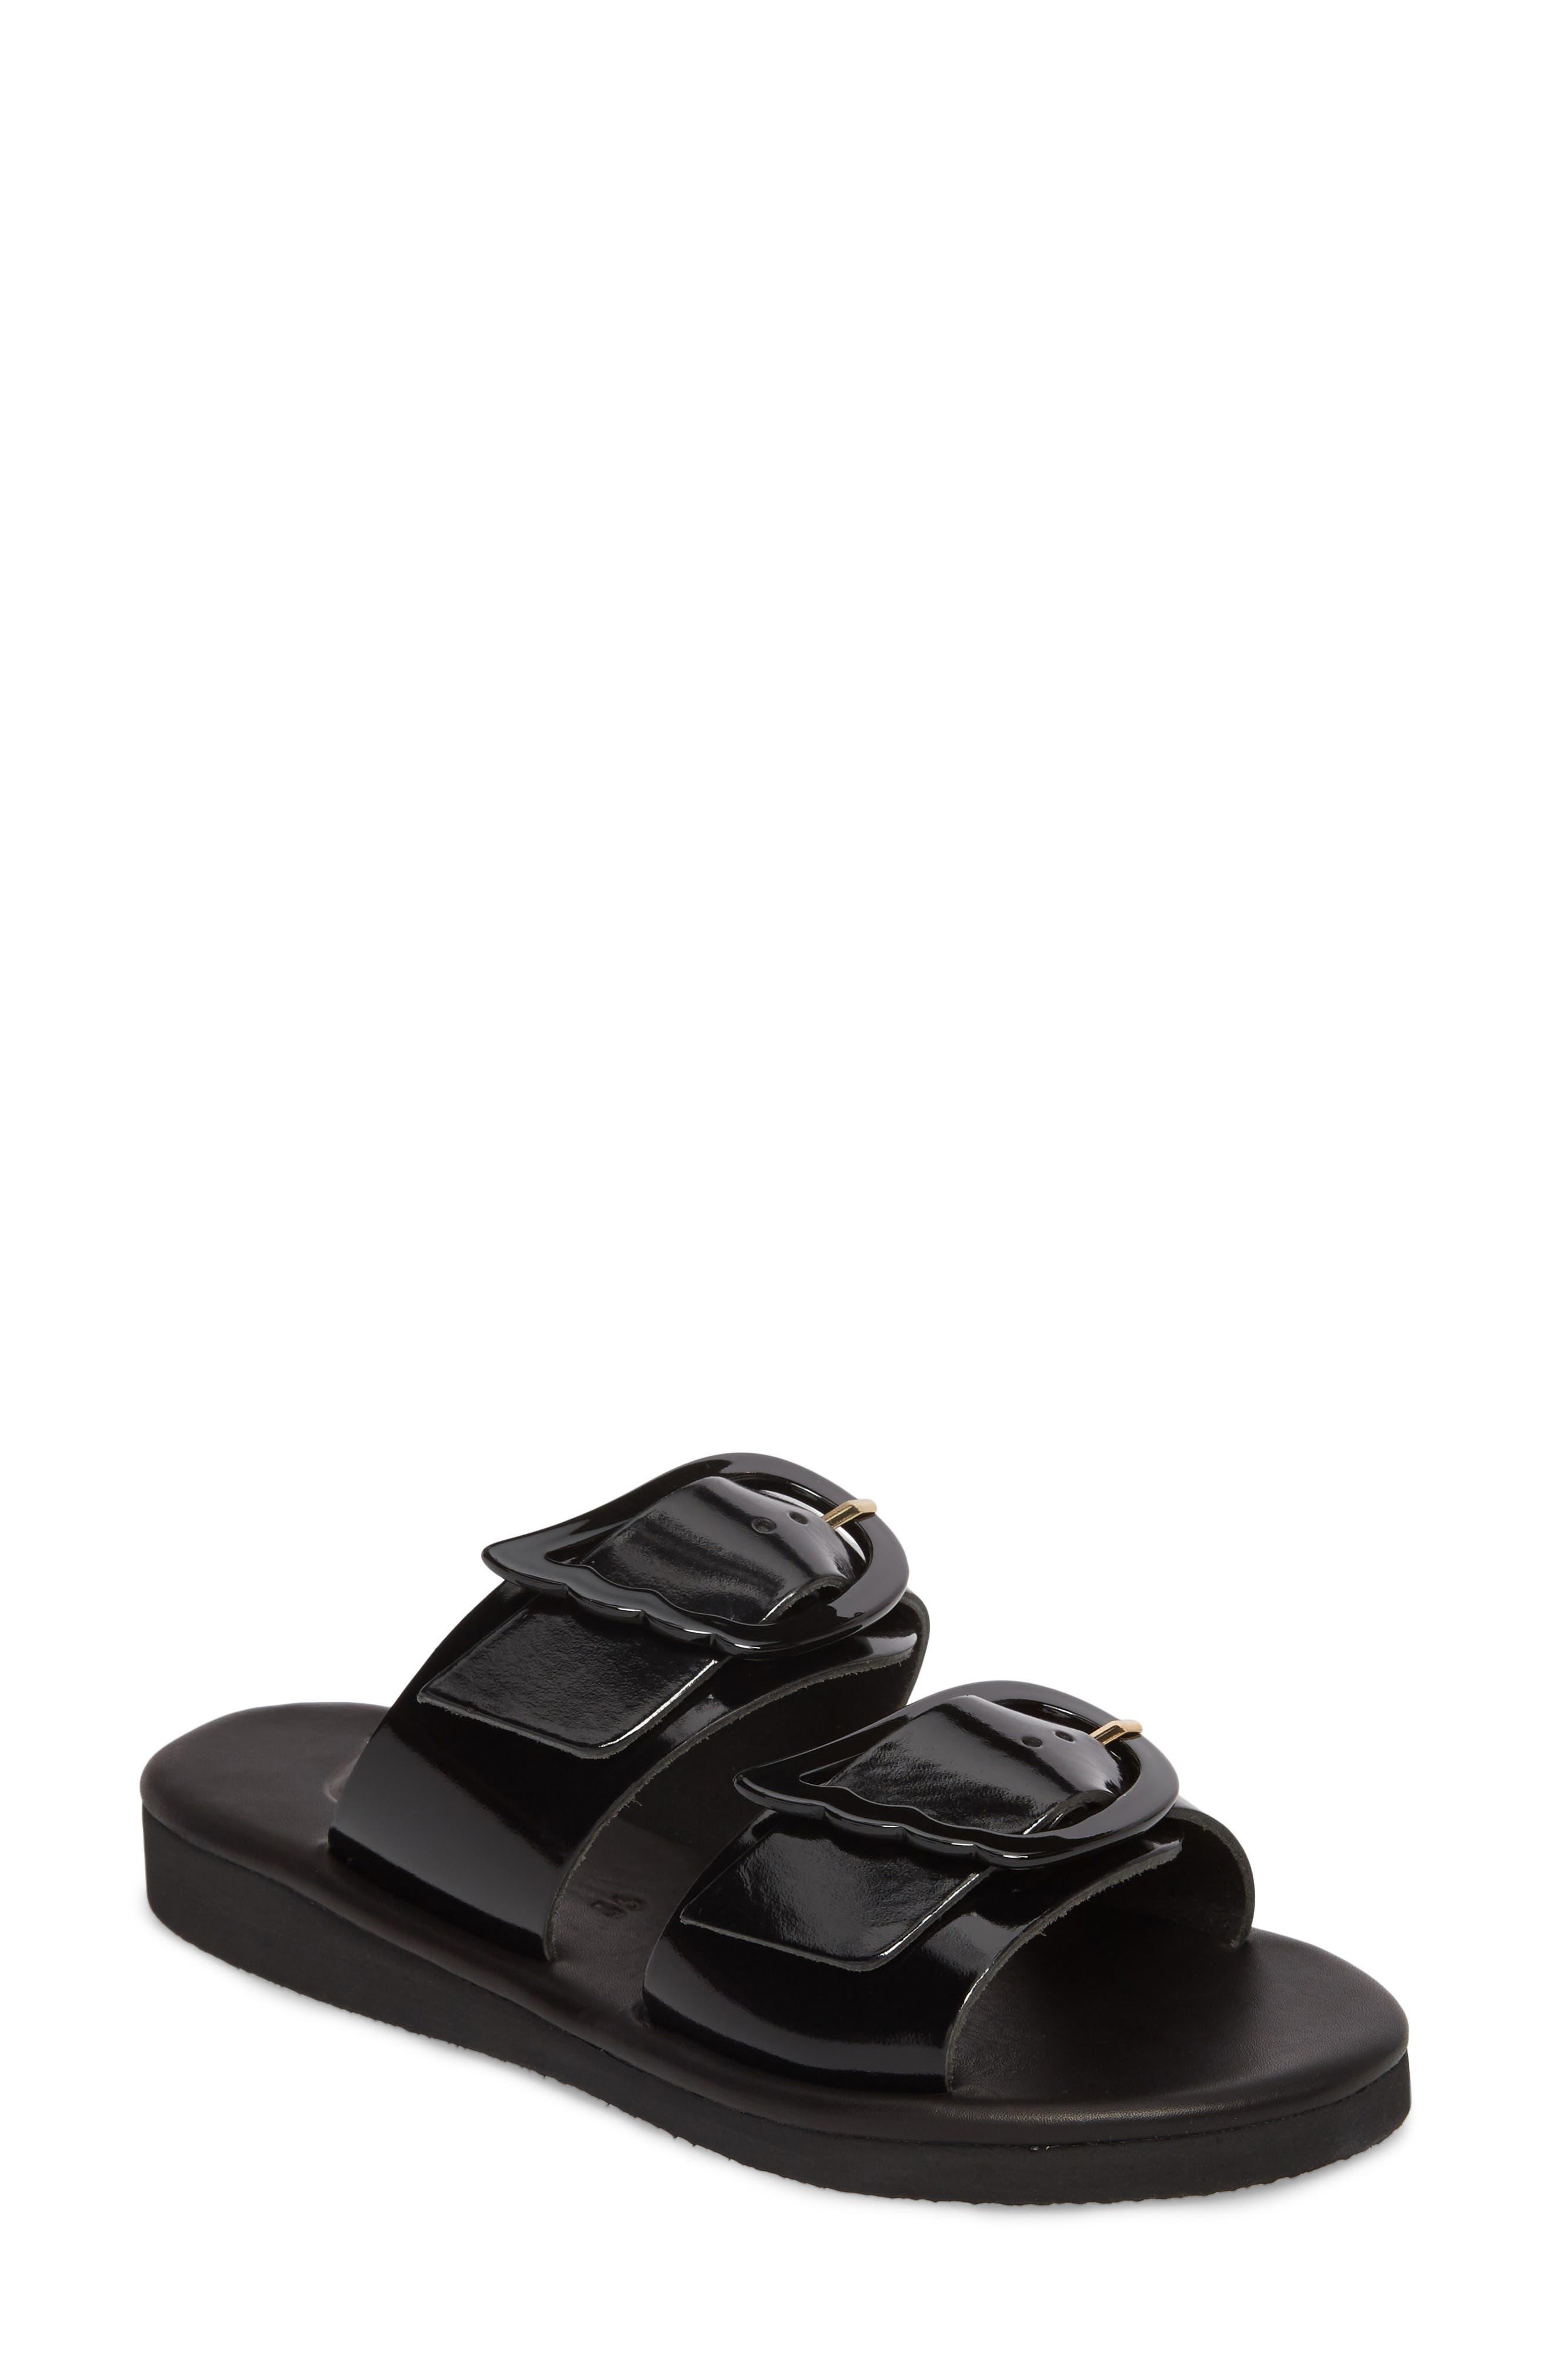 ANCIENT GREEK SANDALS Iaso Slide Sandal, Main, color, 001